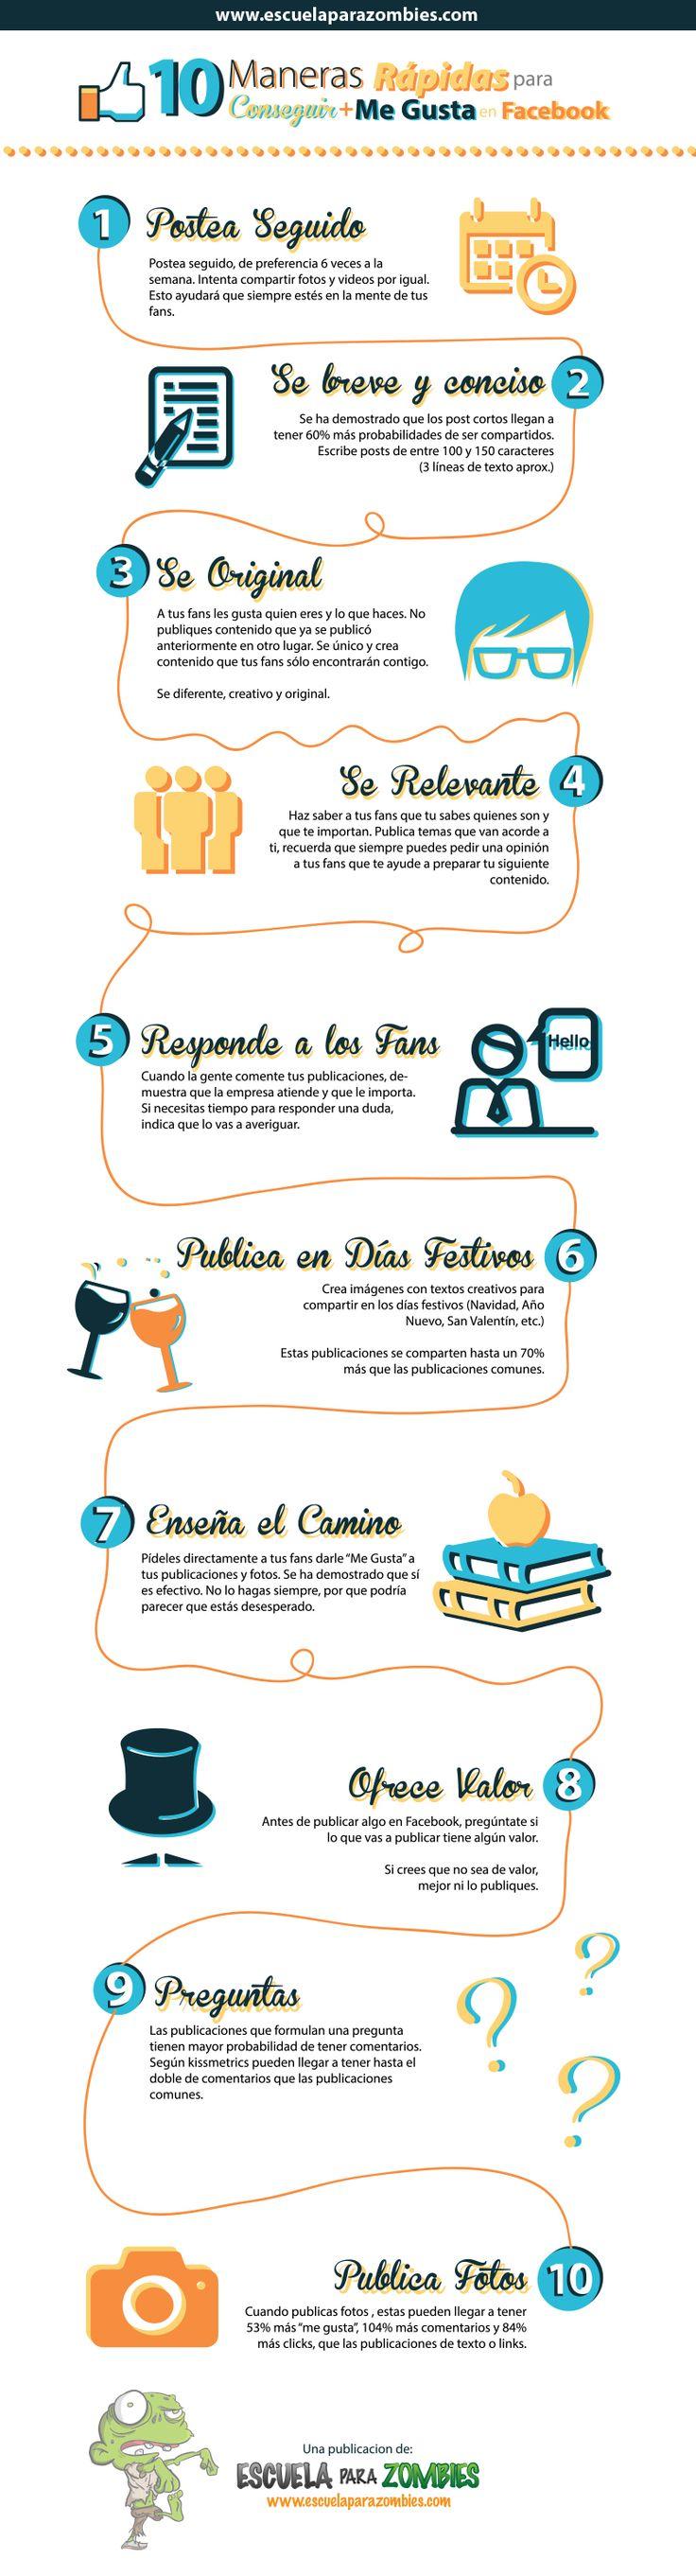 10 maneras rápidas para obtener más me gusta en Facebook. Infografía en español. #RedesSociales #MarketingOnline #InternetMarketing #CommunityManager #Infografia #CapacitaciónOnline